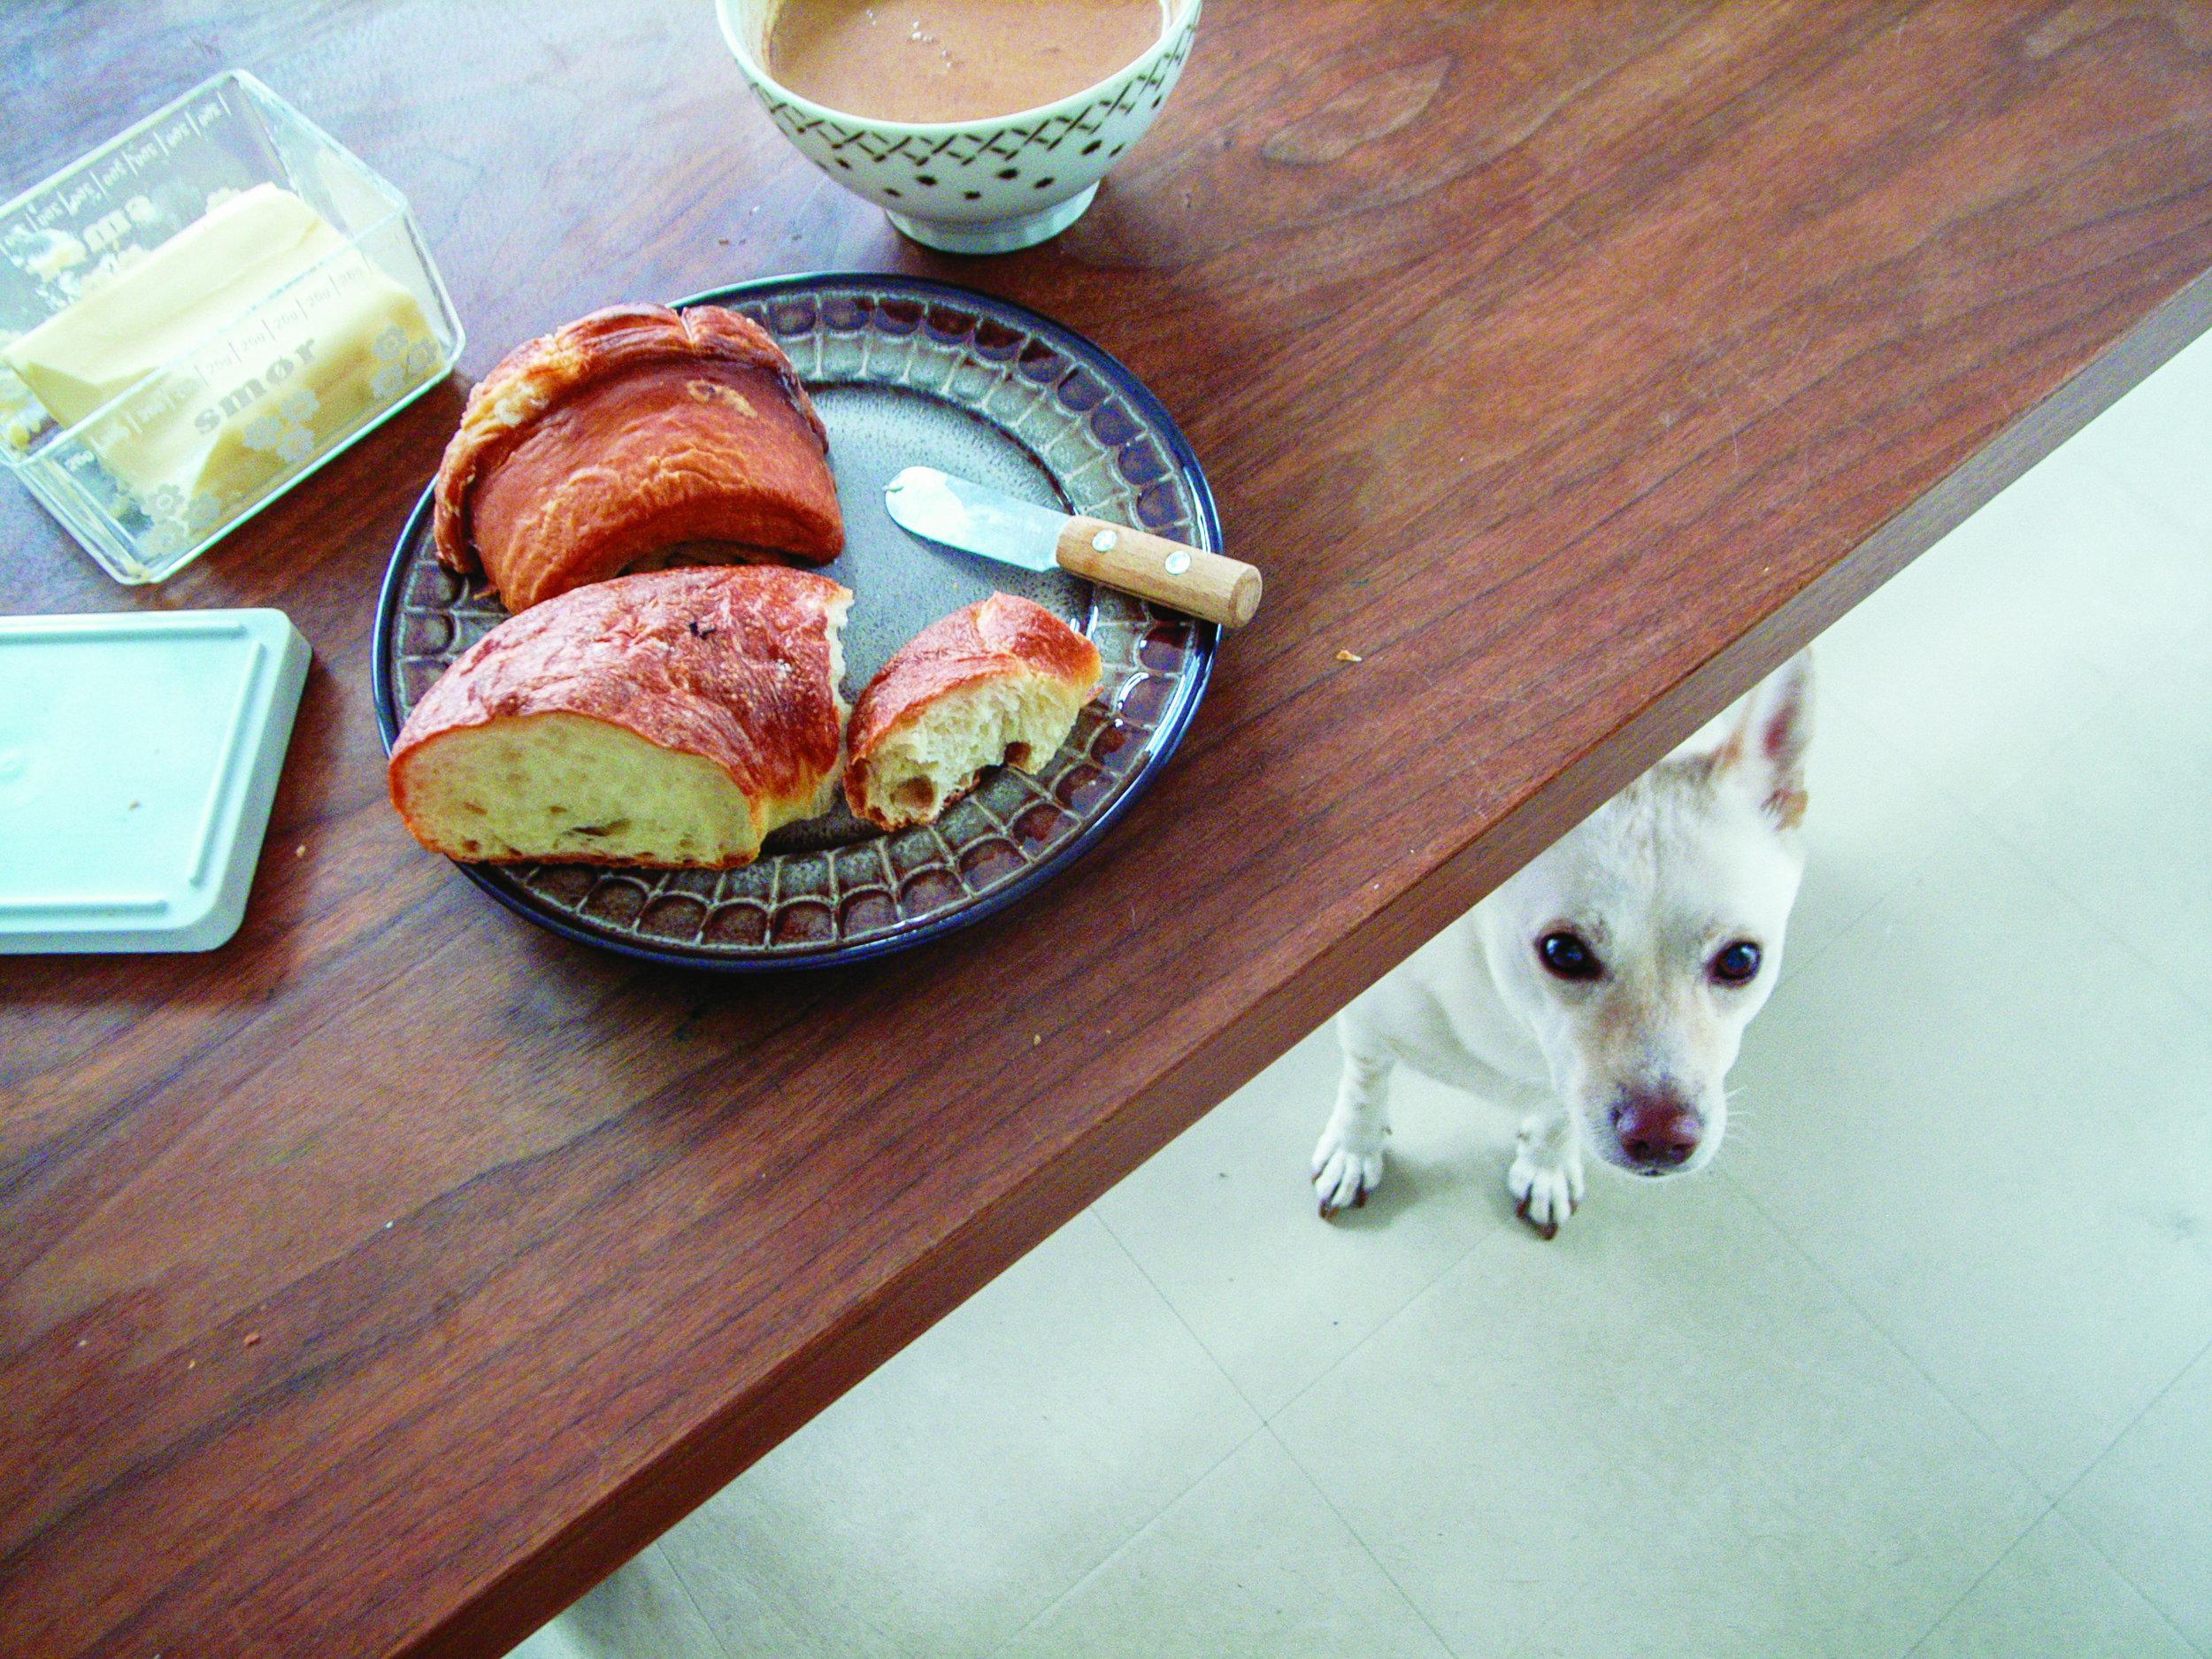 """Natsuko racconta che Kipple non è un cane particolarmente avido, ma ammette che l'unico cibo umano a cui non riesce a fare a meno è il pane. Foto di Natsuko Kuwahara, """"Bread and a Dog"""" Phaidon."""